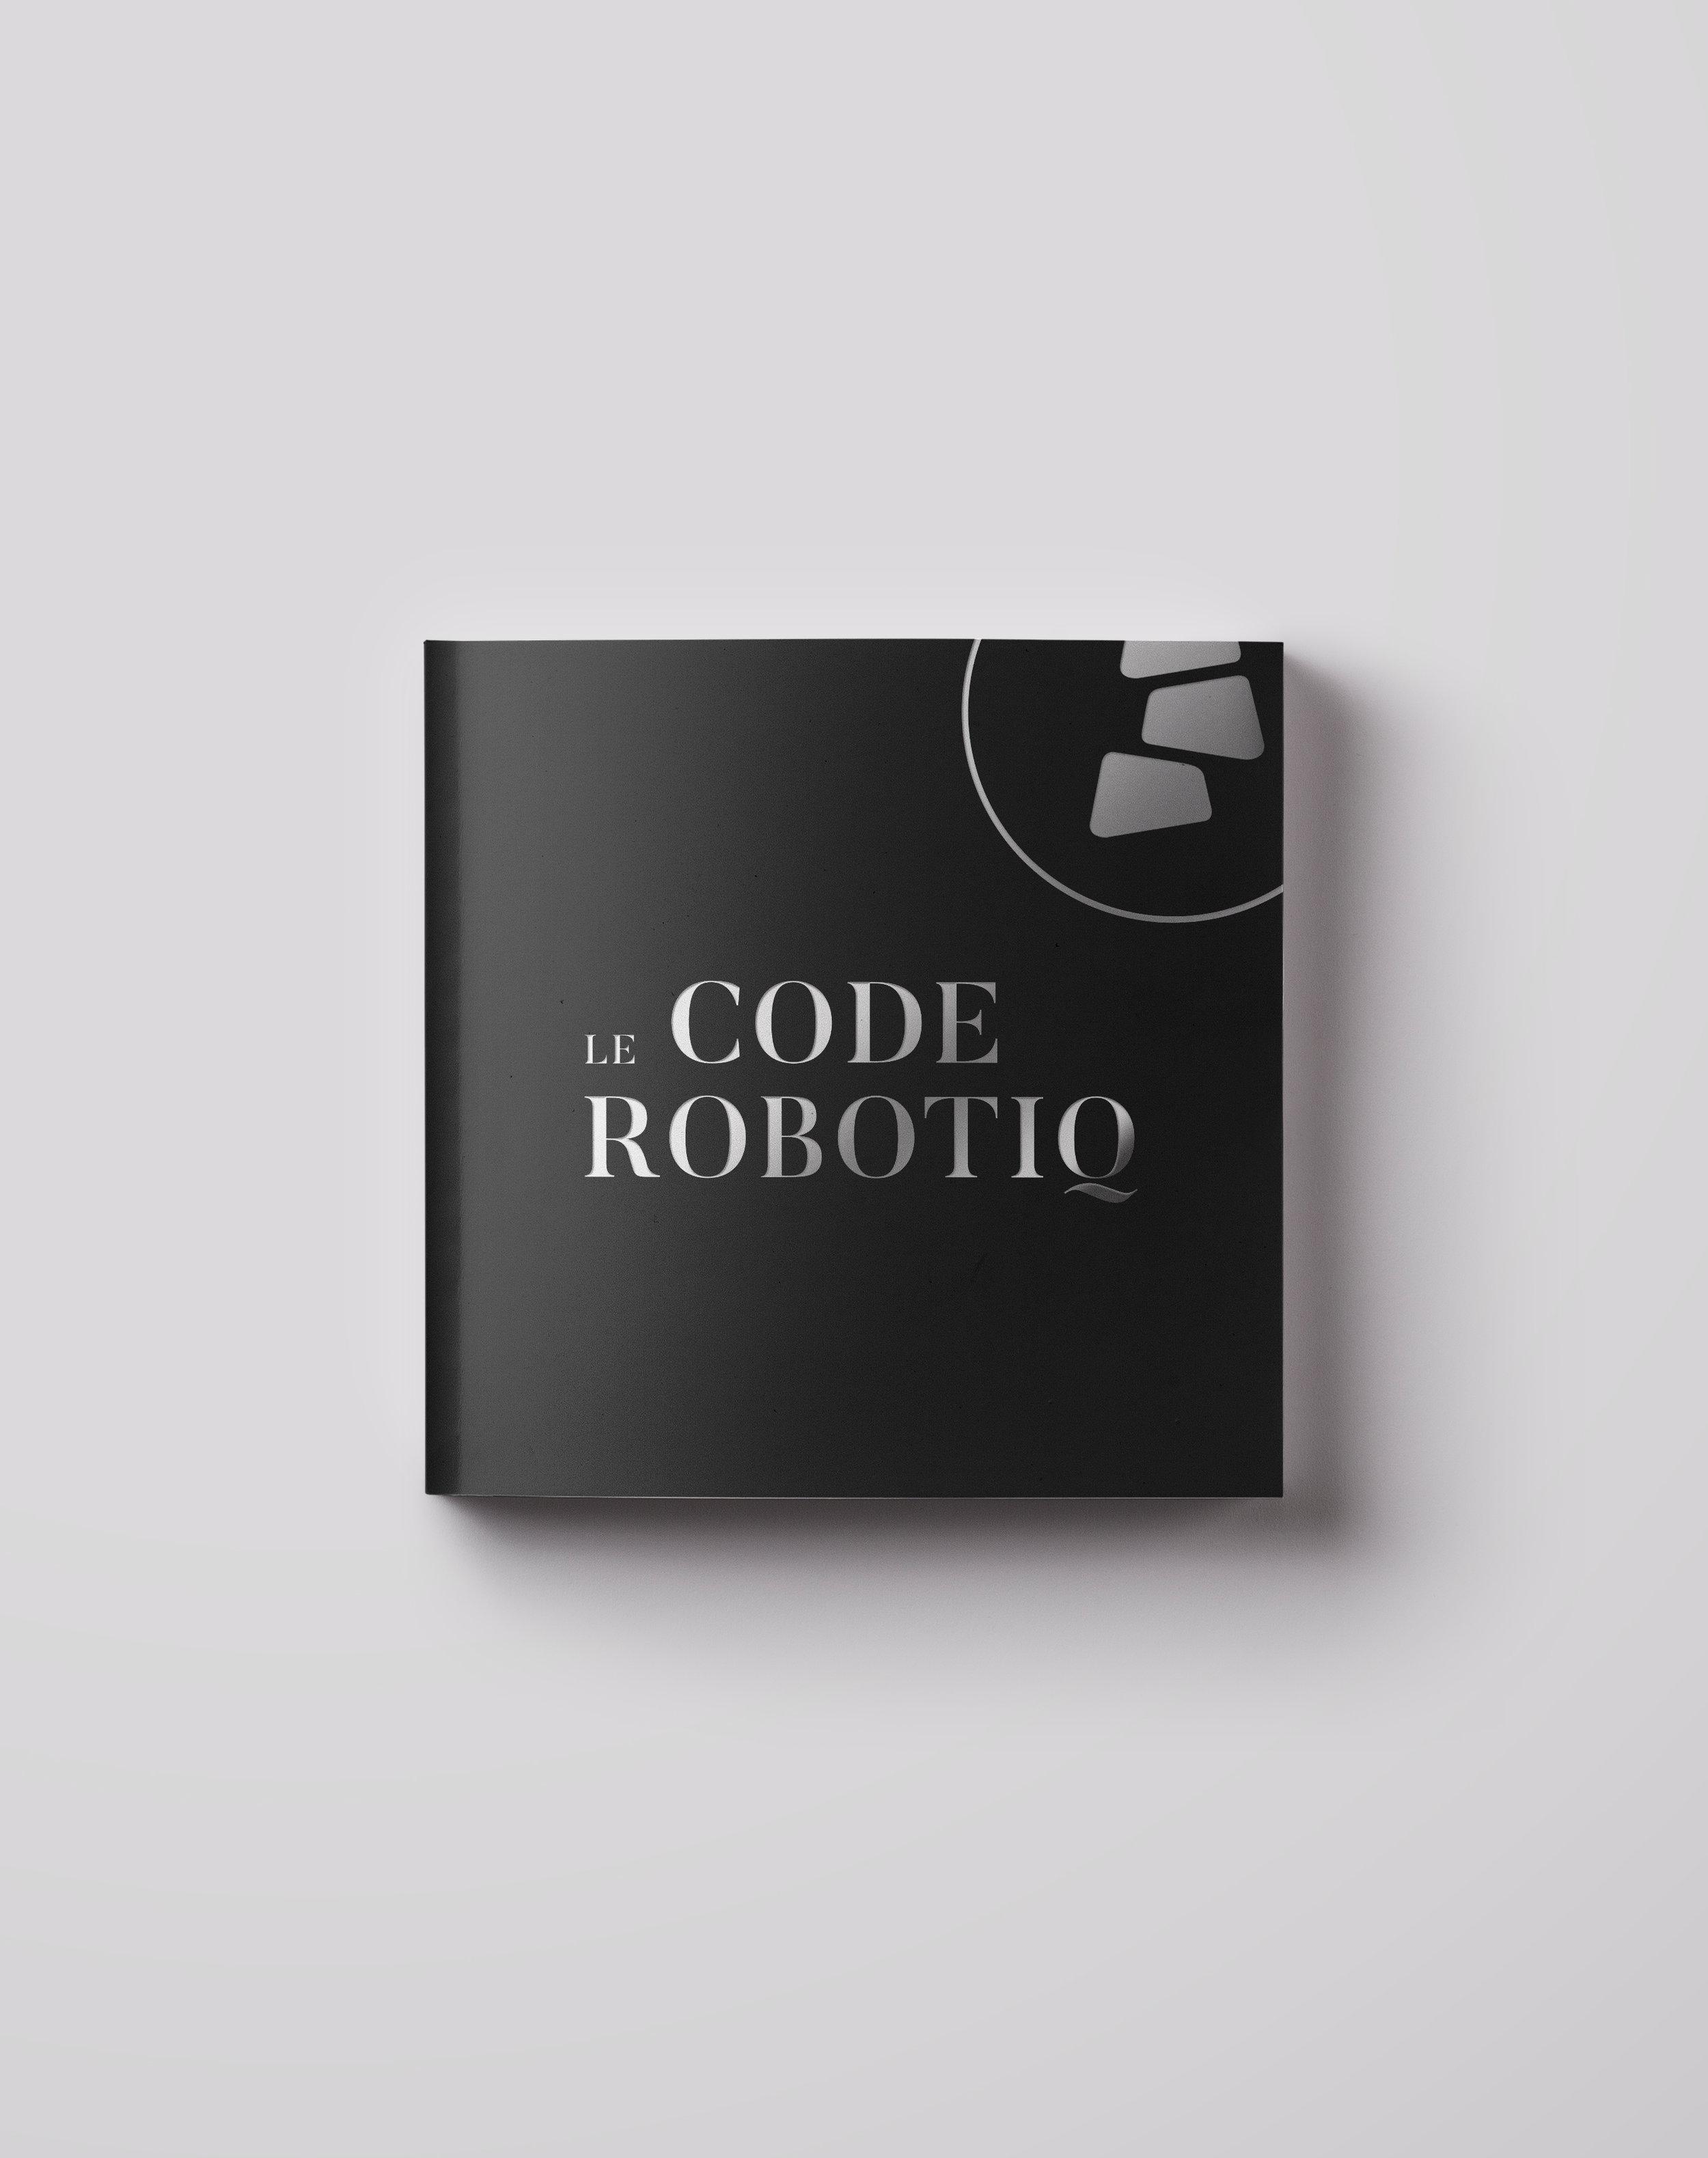 Le Code Robotiq